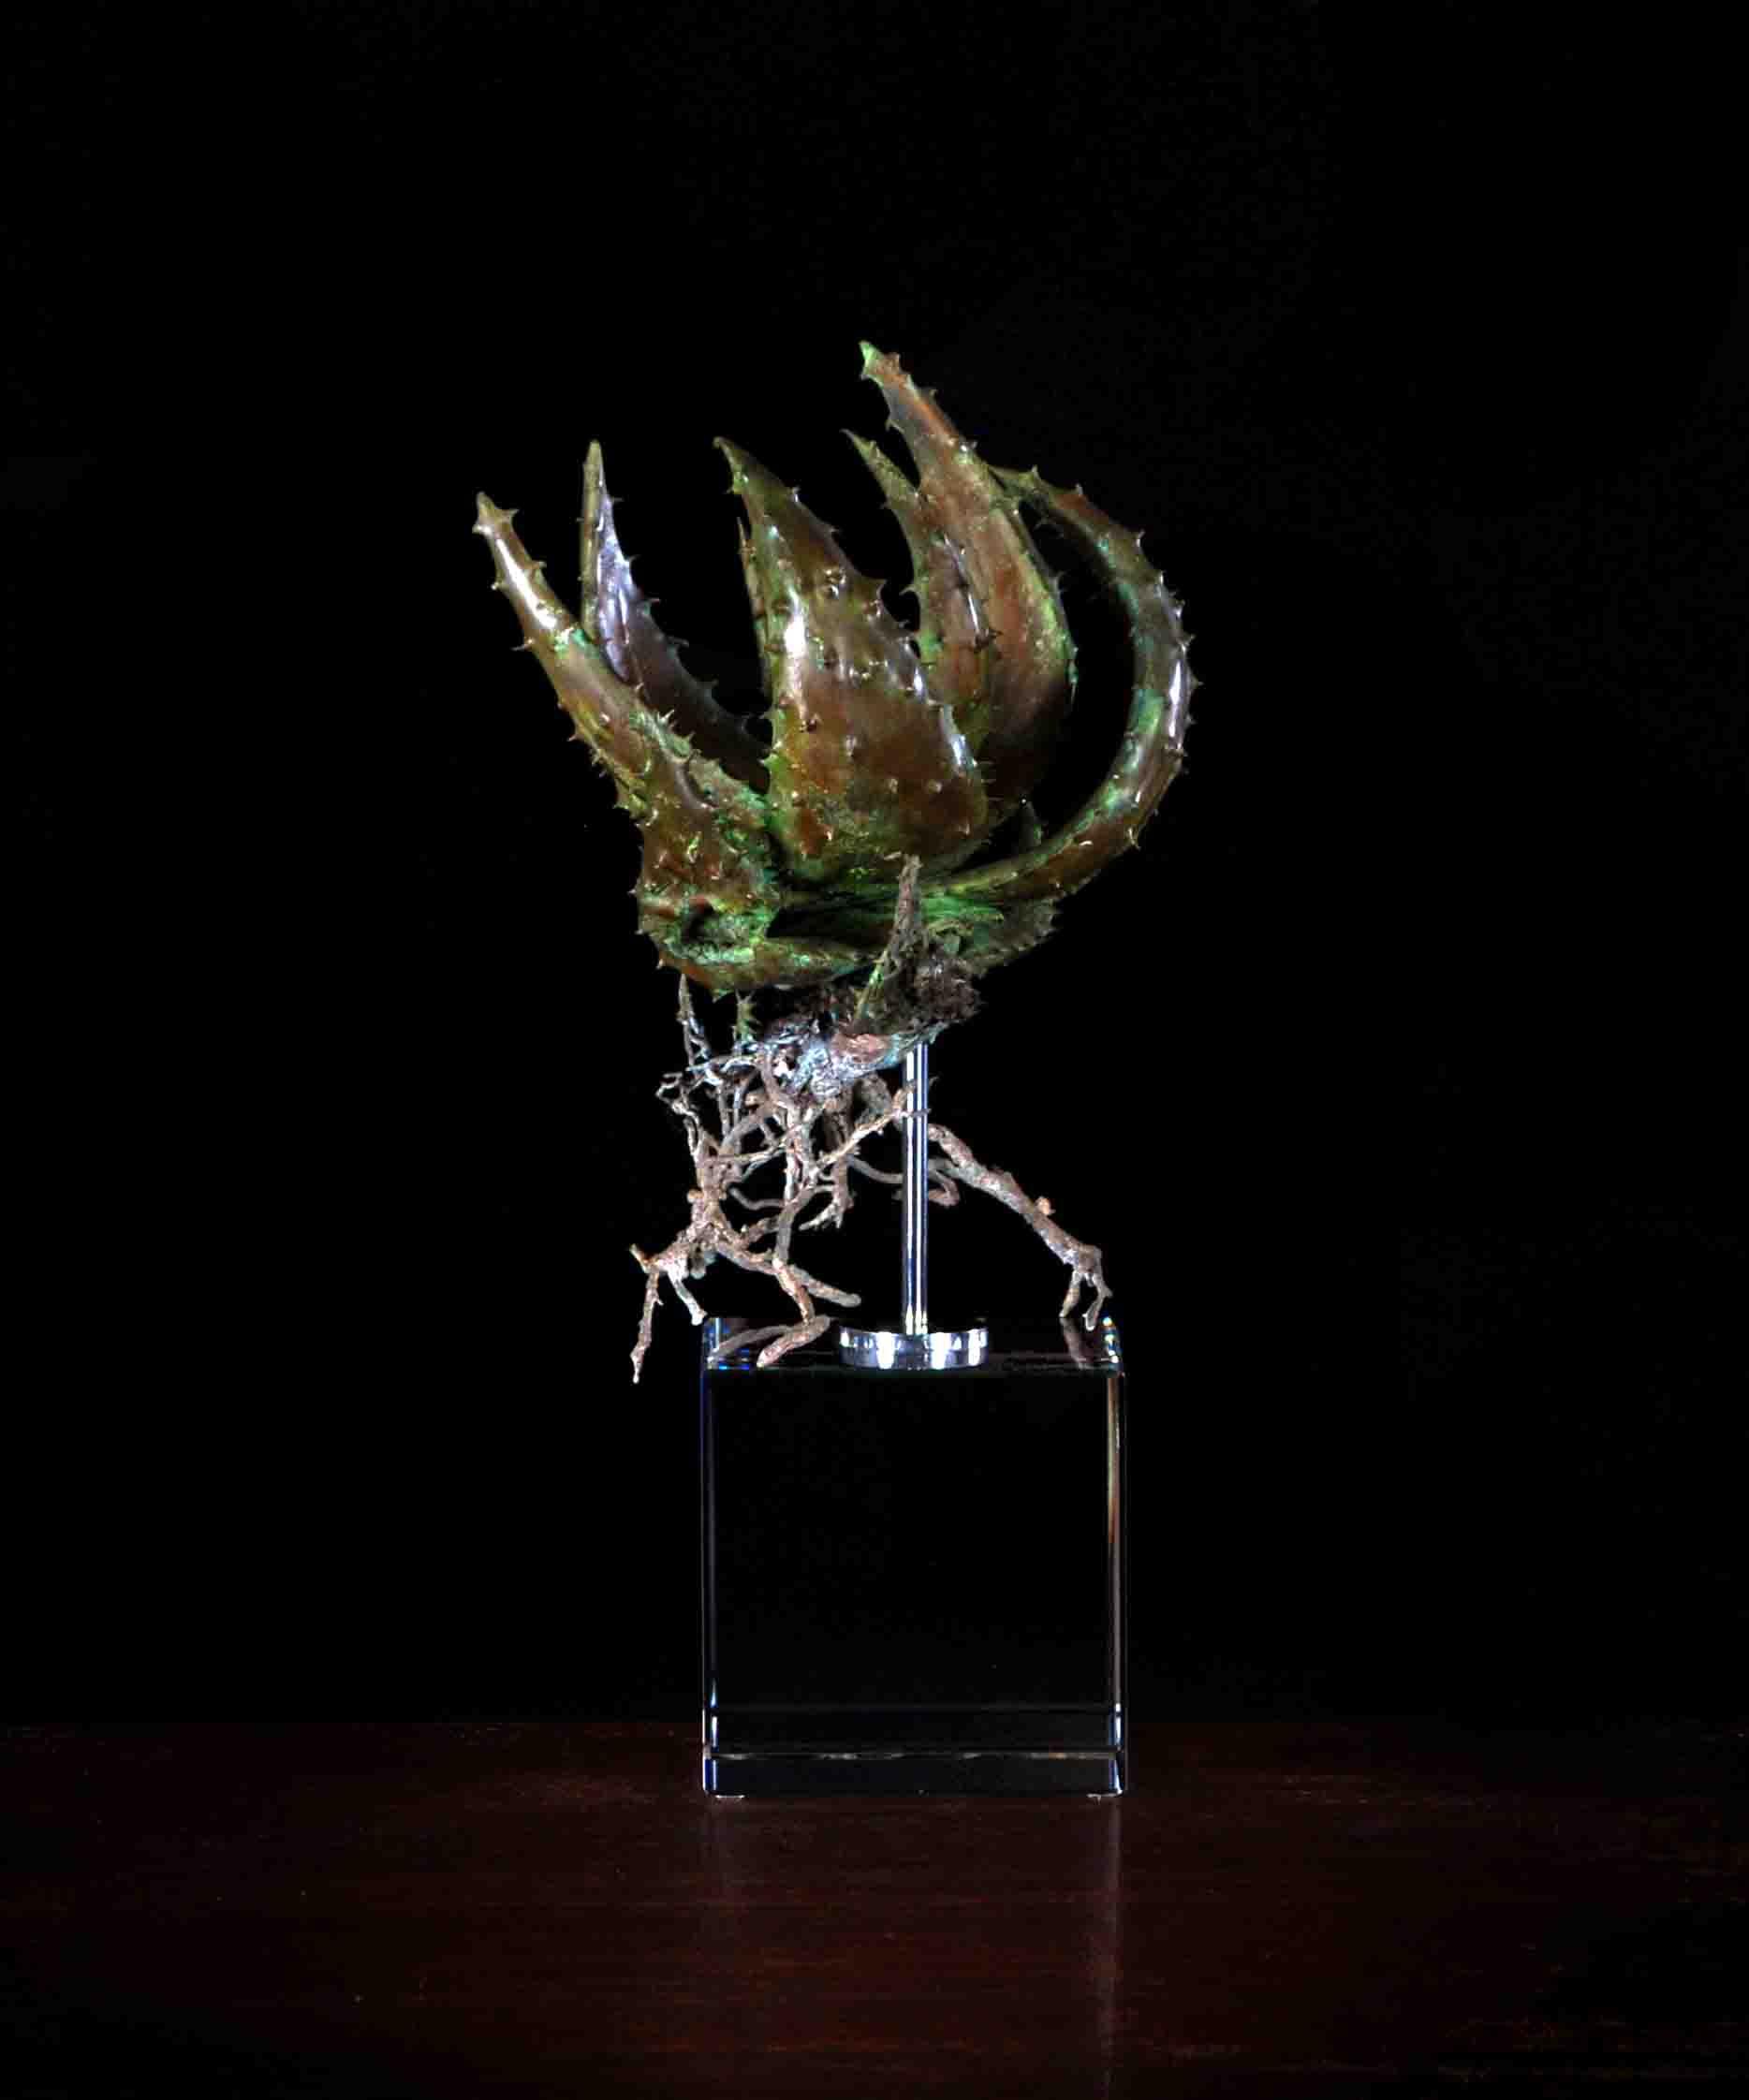 Aloe acculeata